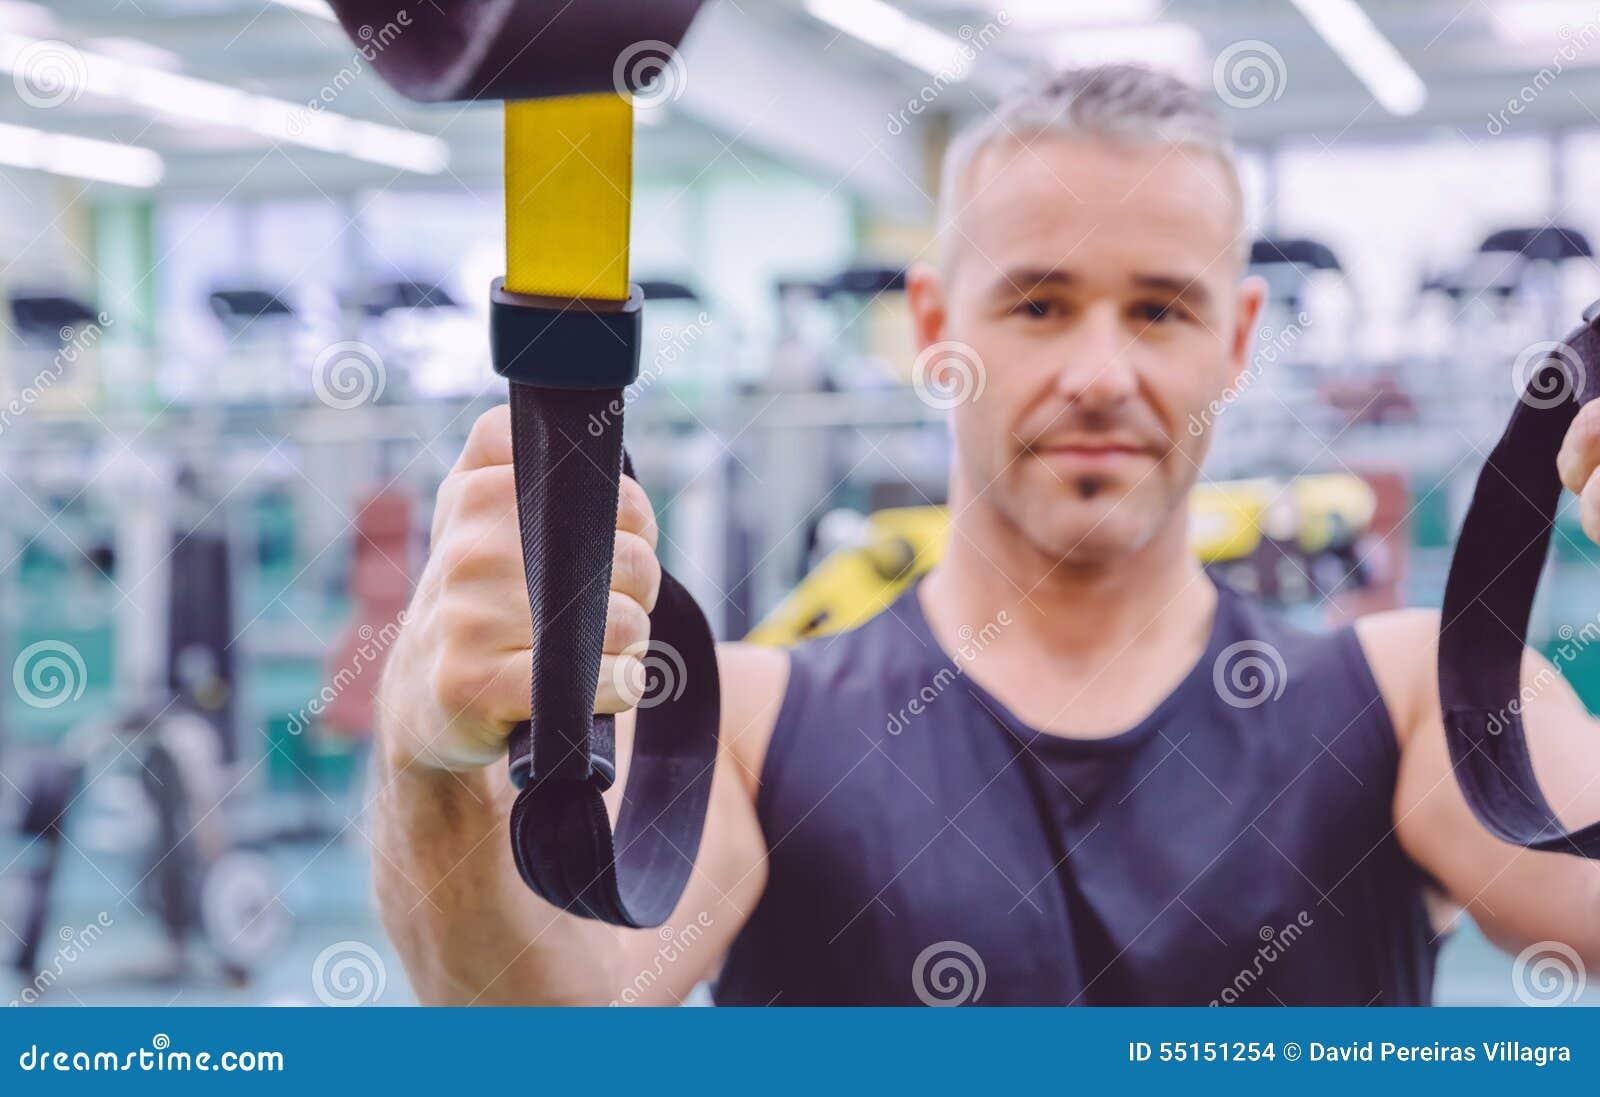 Sprawności fizycznej patka w ręce mężczyzna szkolenie